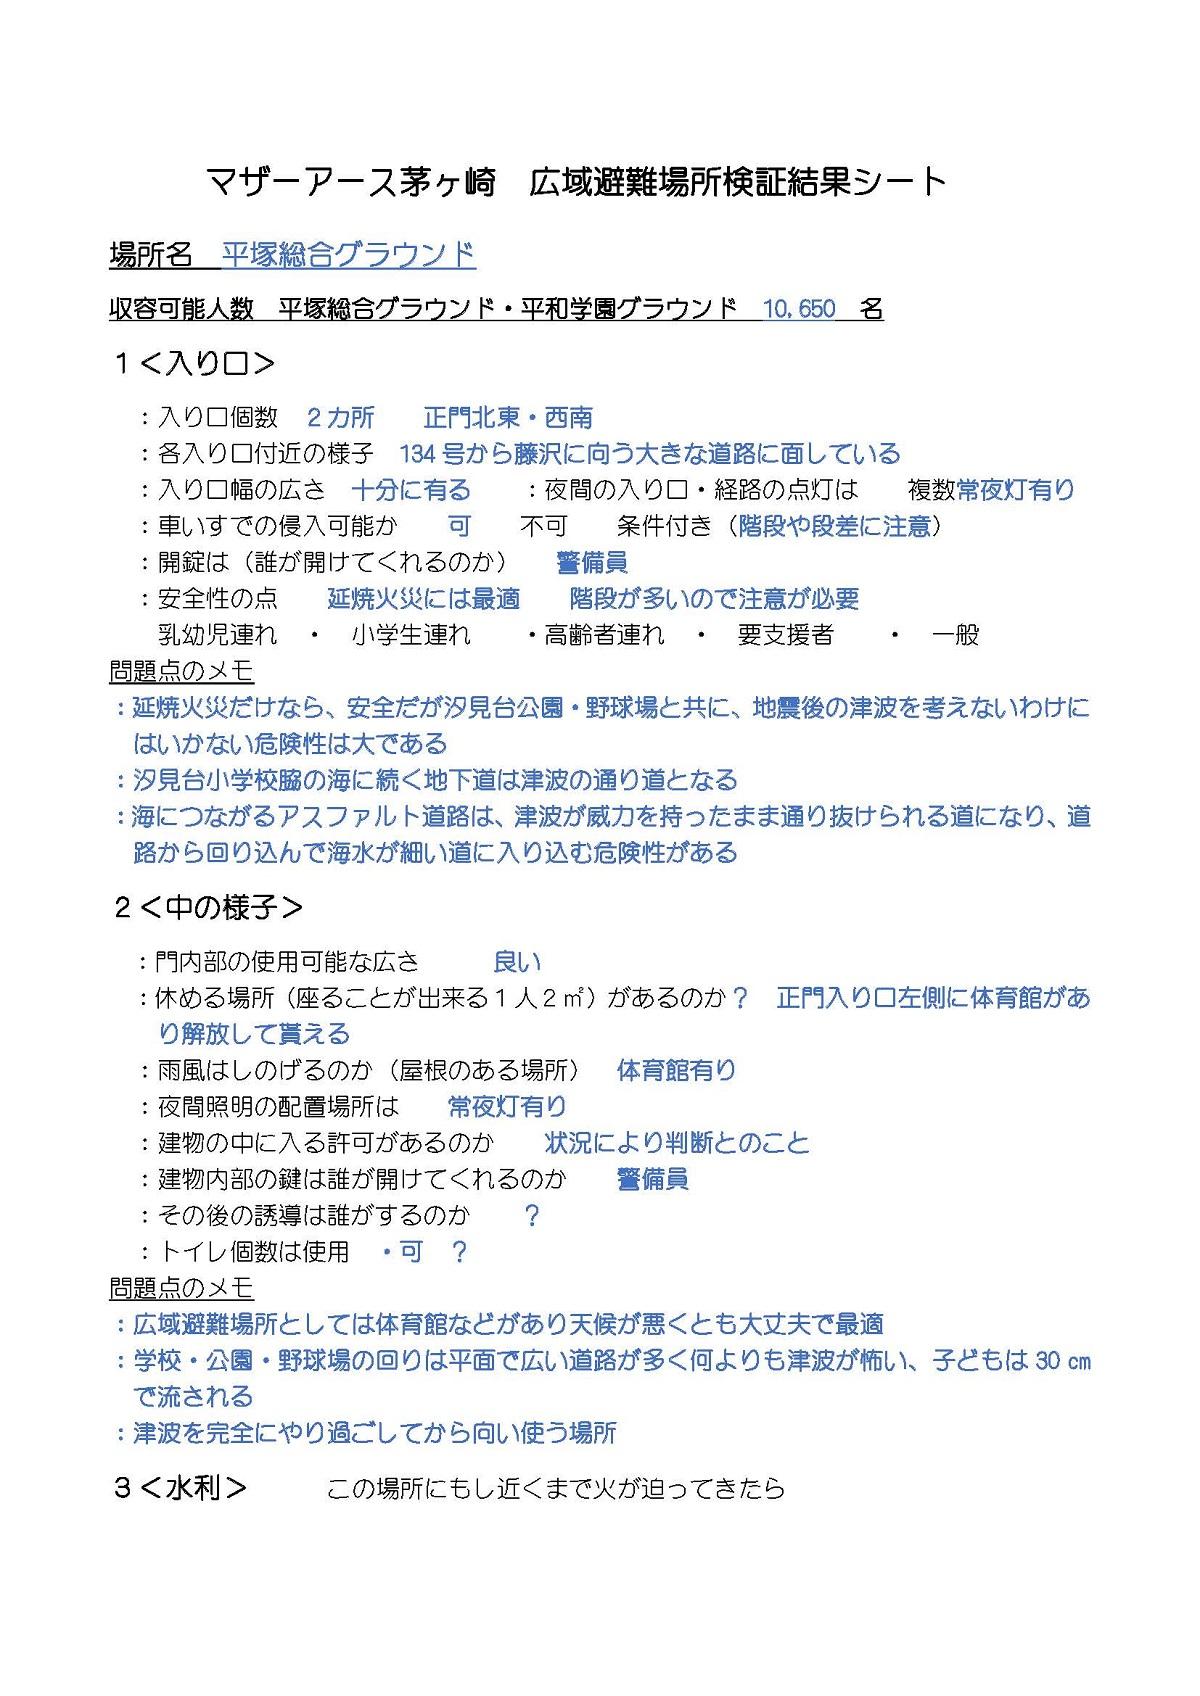 171_2新ー平塚総合グラウンド広域指定ーマザーアース茅ヶ崎_ページ_1